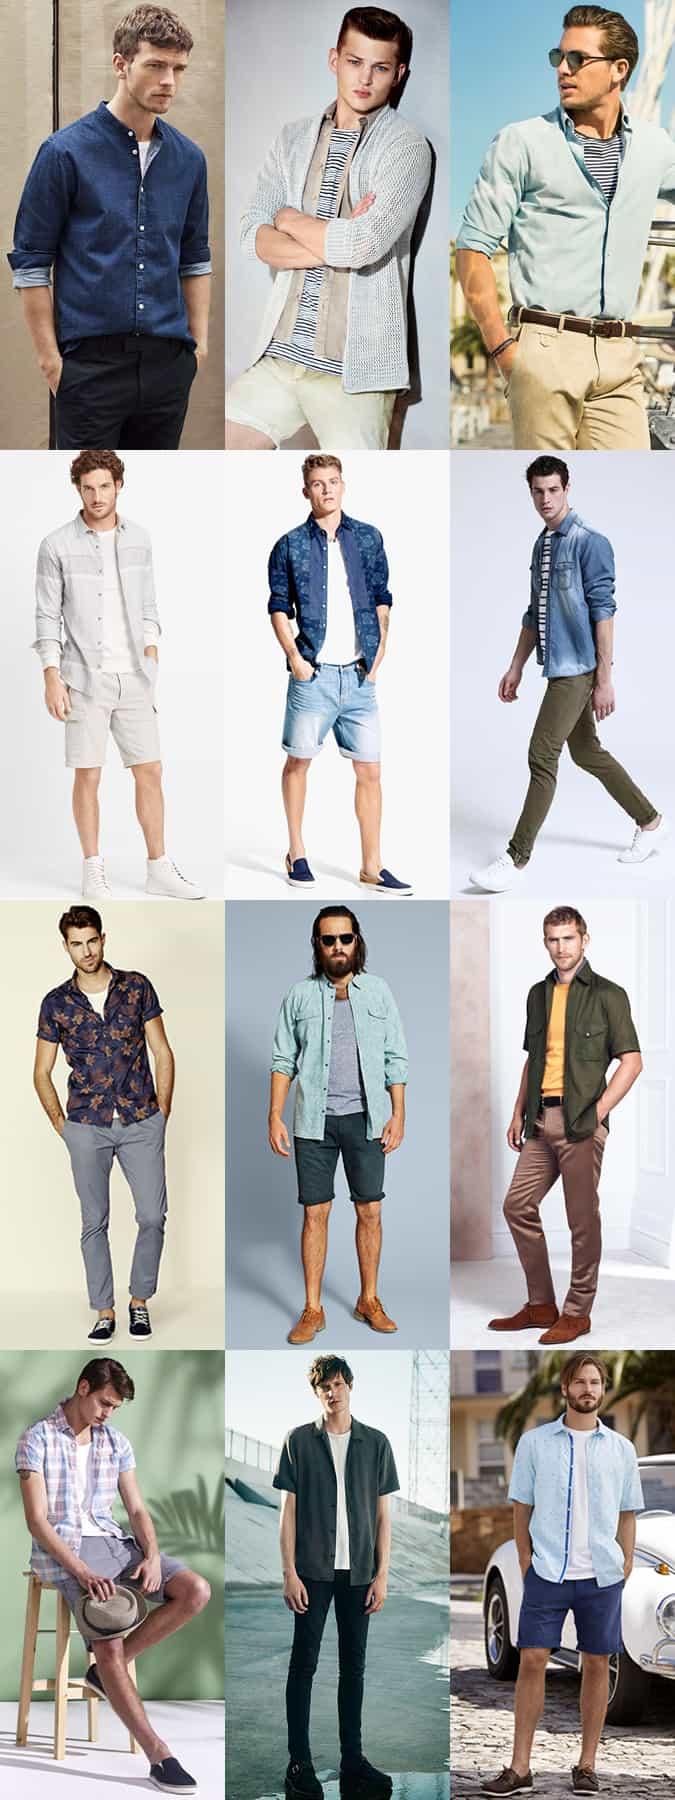 Lookbook d'inspiration pour les vêtements d'été pour hommes